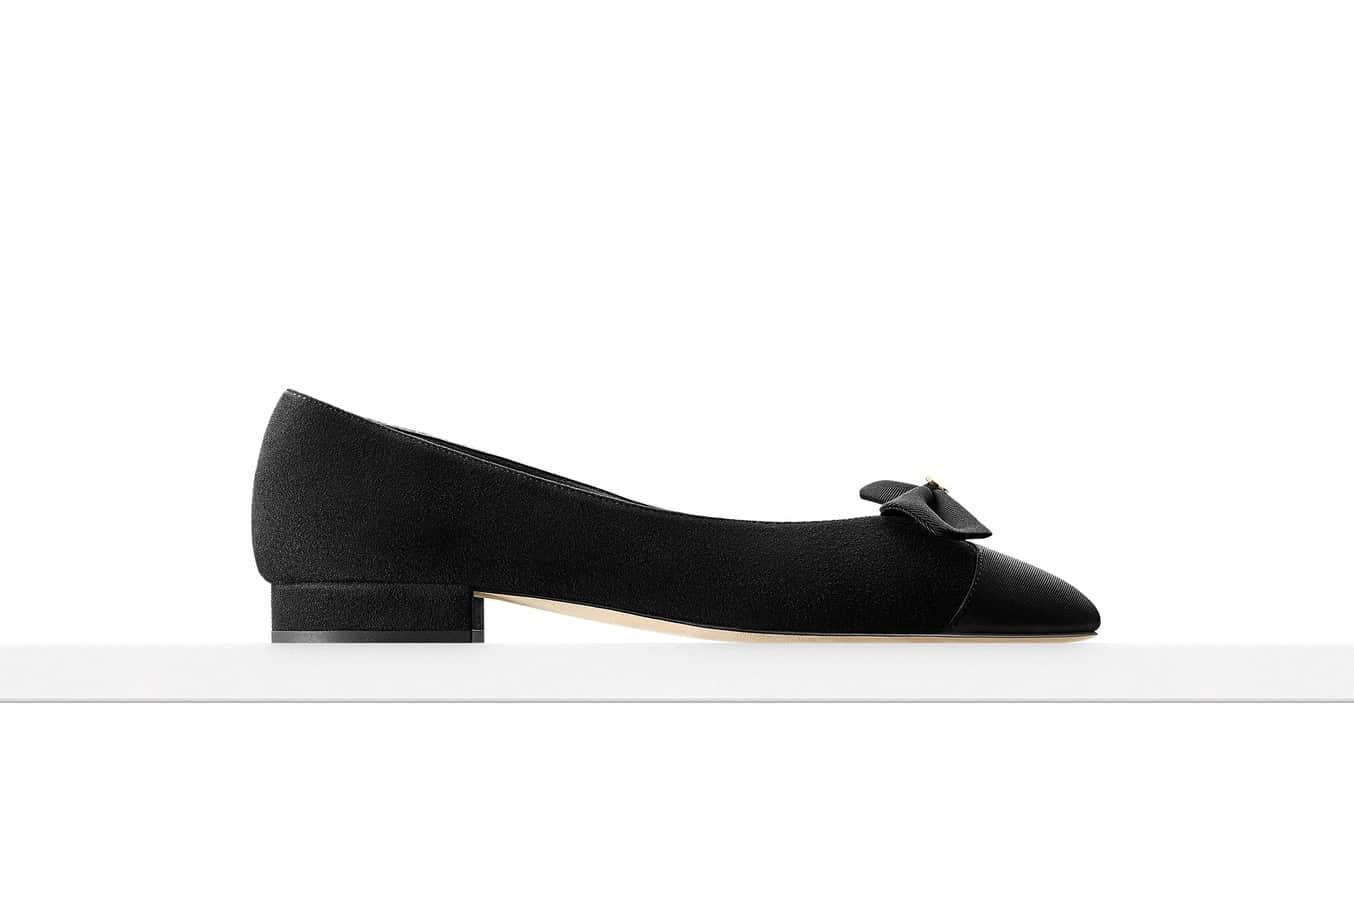 Ballerine Chanel, prezzi colori e modelli 2016